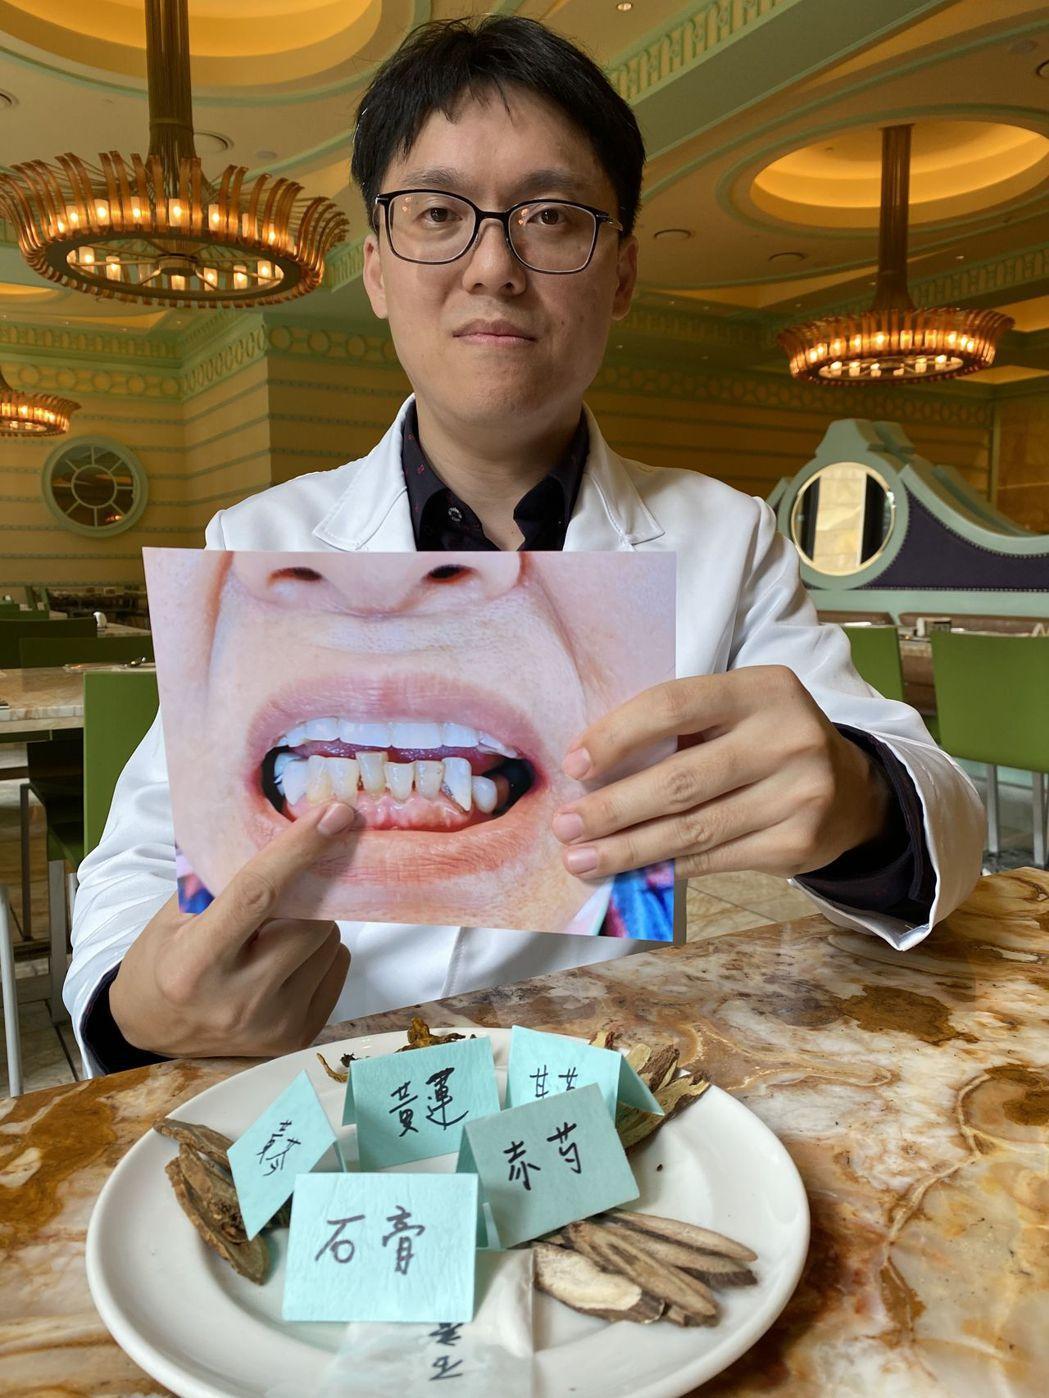 中醫師林育誠建議,牙周病除了可以透過中藥治療,戒辣、烤等食物,清潔牙齒也很重要,...